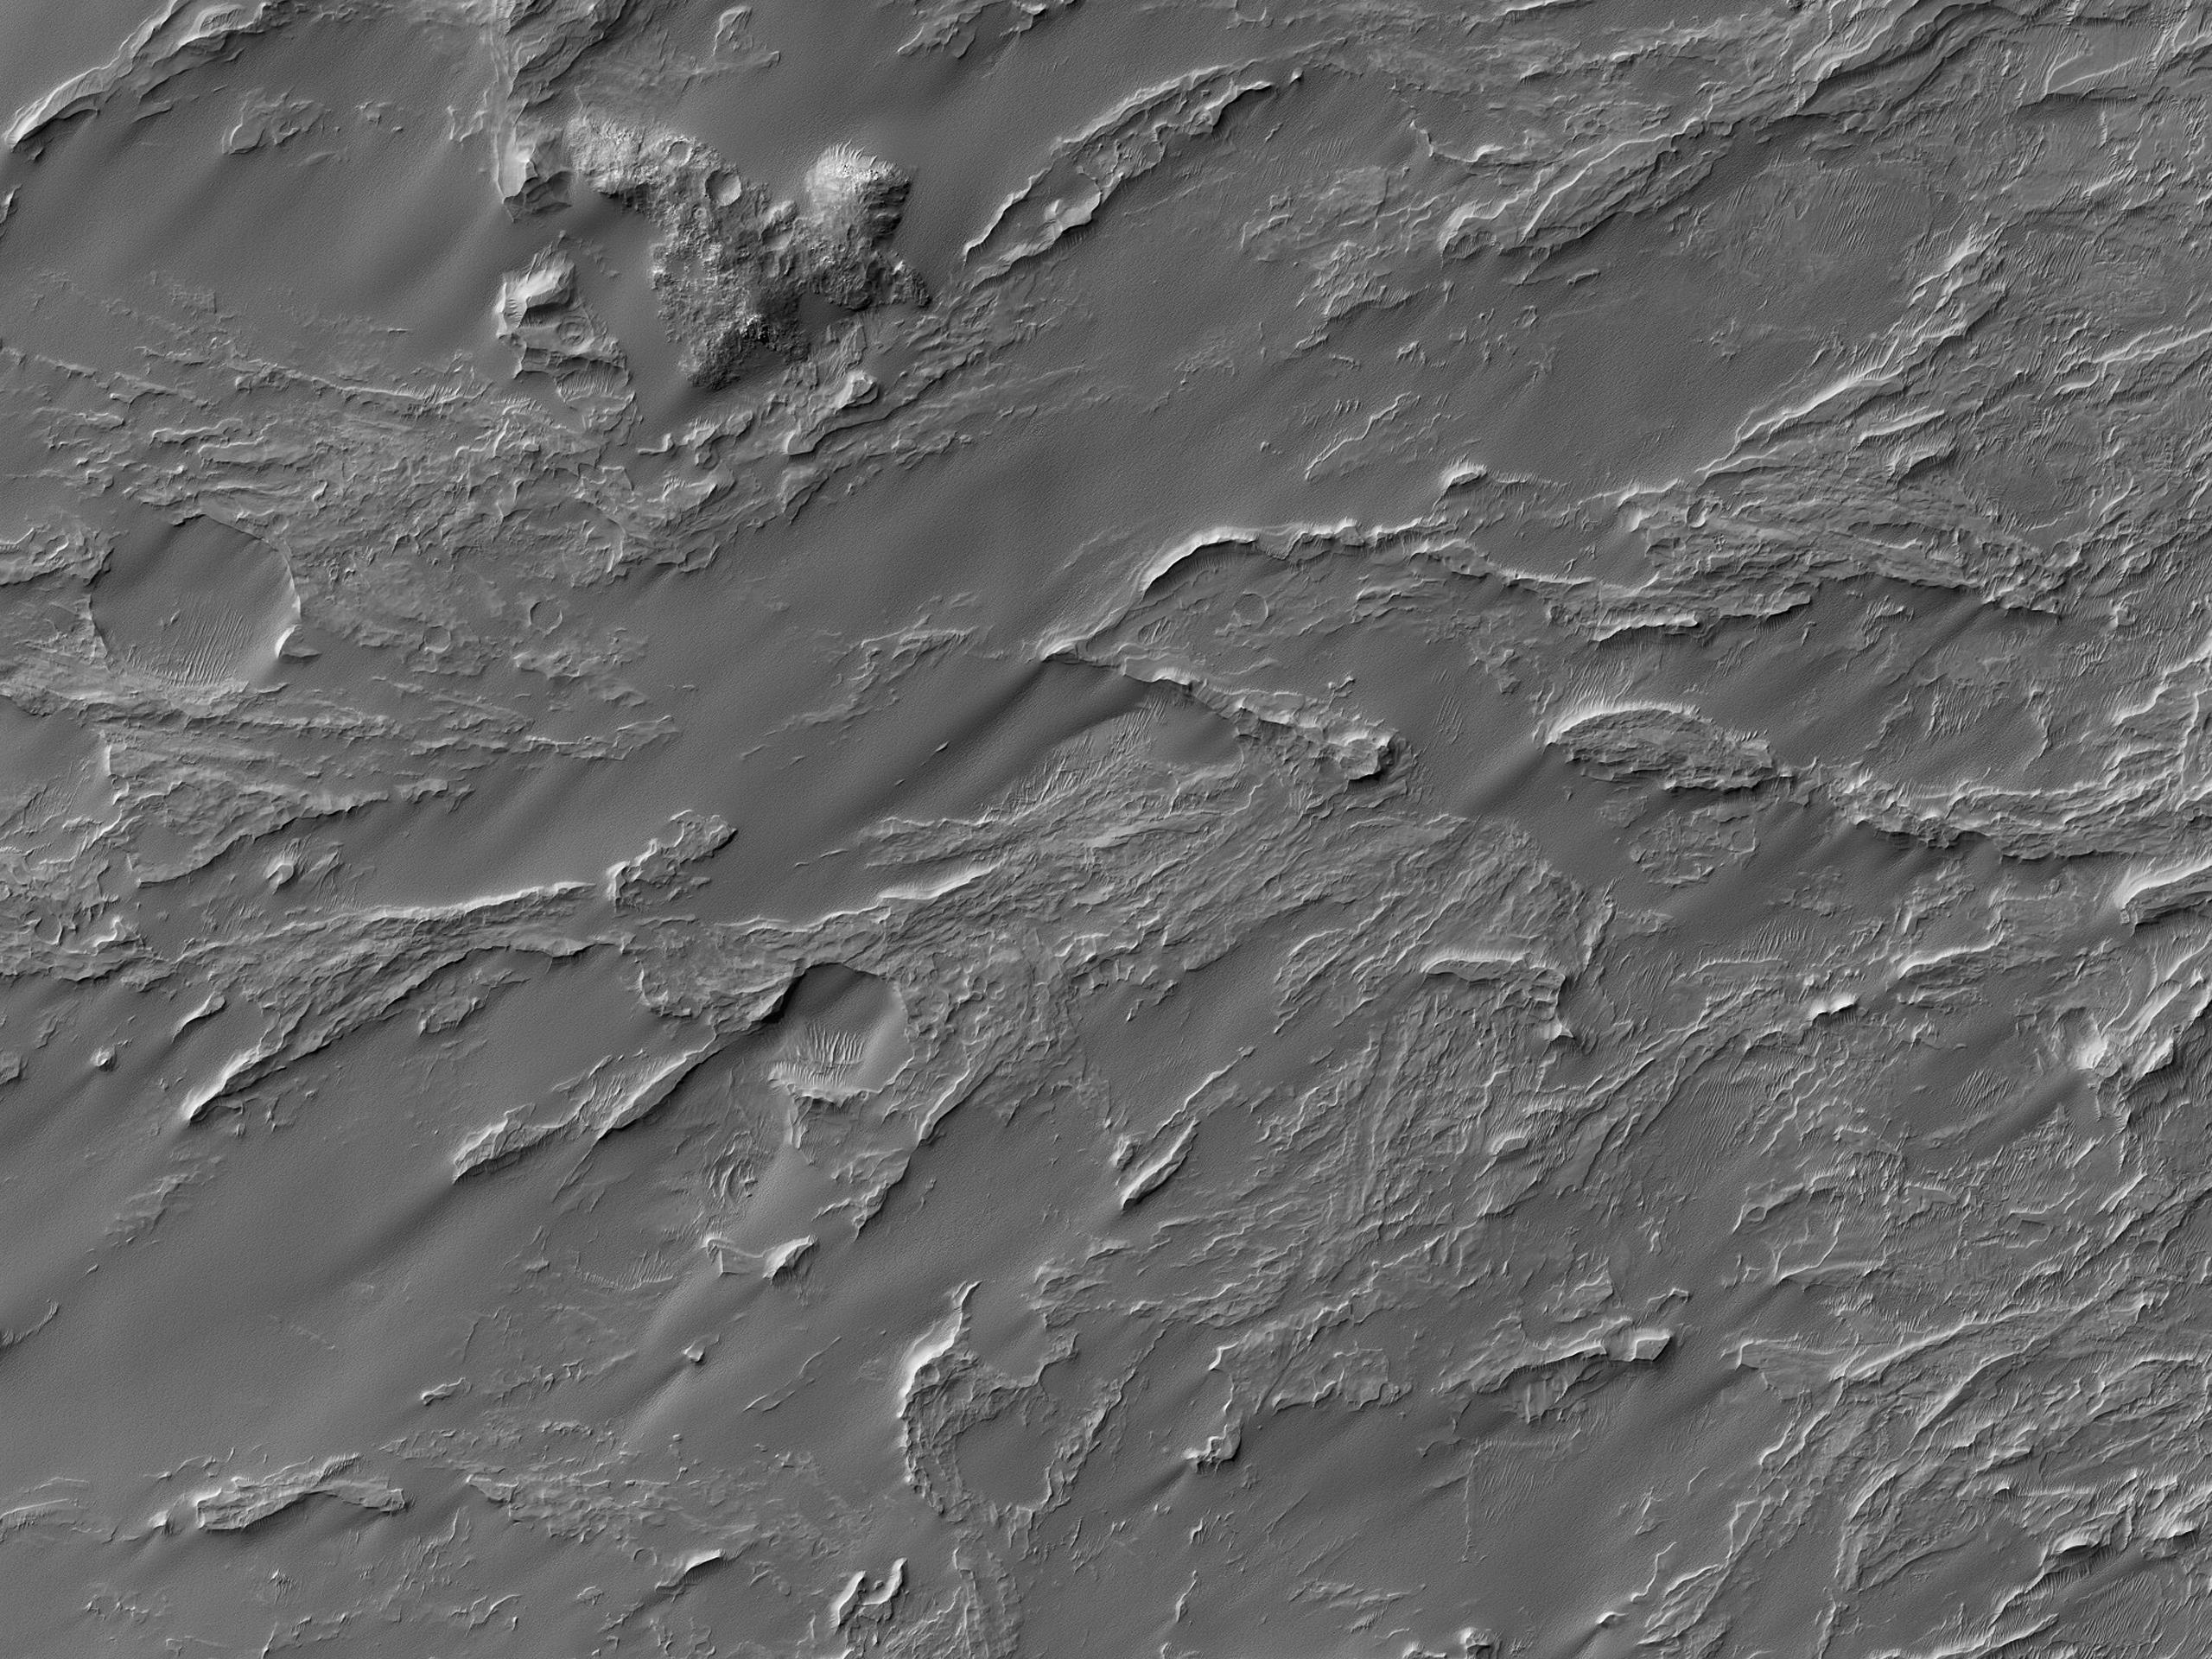 Ventaglio alluvionale in Roddy Crater